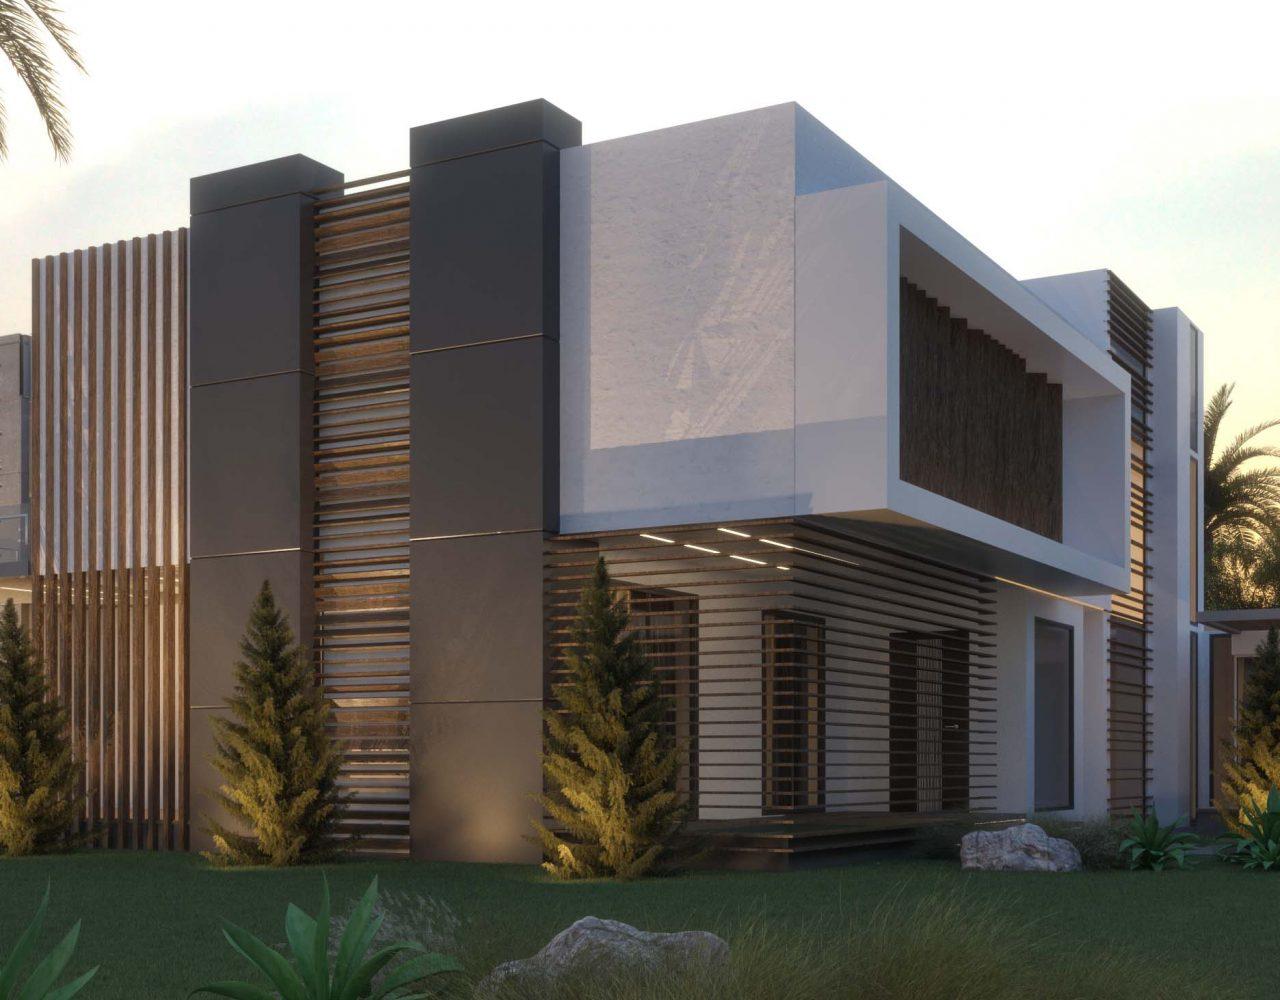 vill modern exterior design - exterior design - villa - tree -SKY